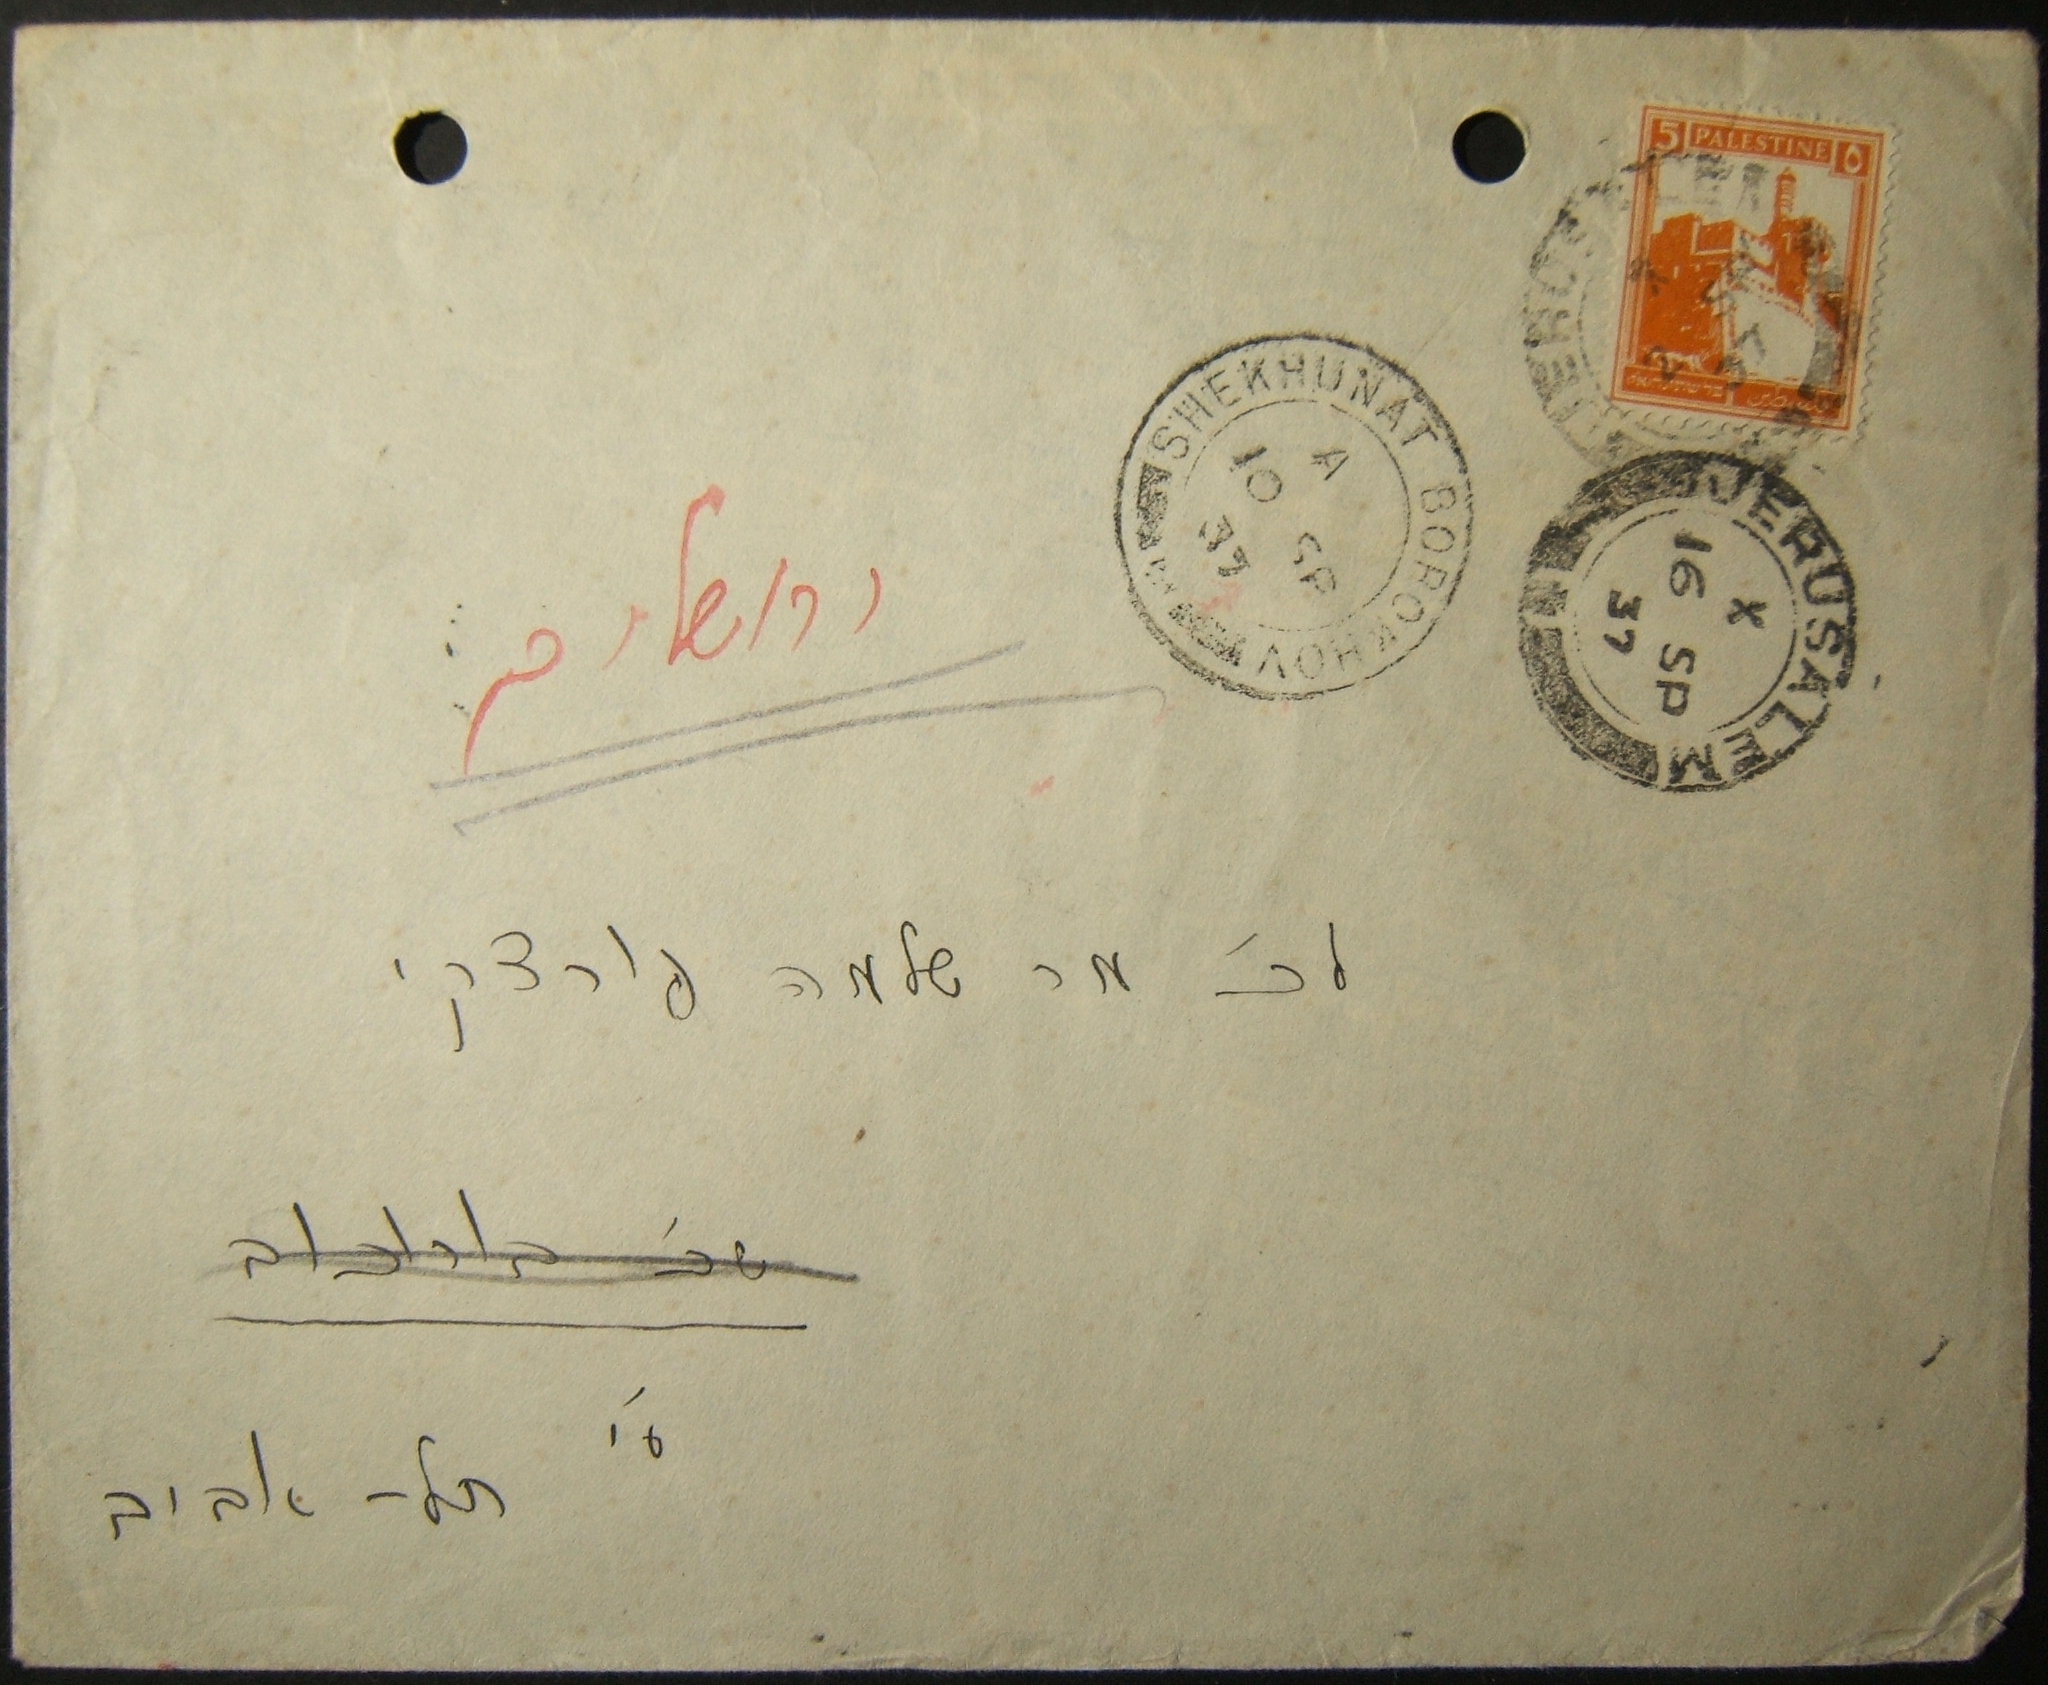 فلسطين الانتداب نادر 1937 بروتشوف ختم البريد على البريد من القدس